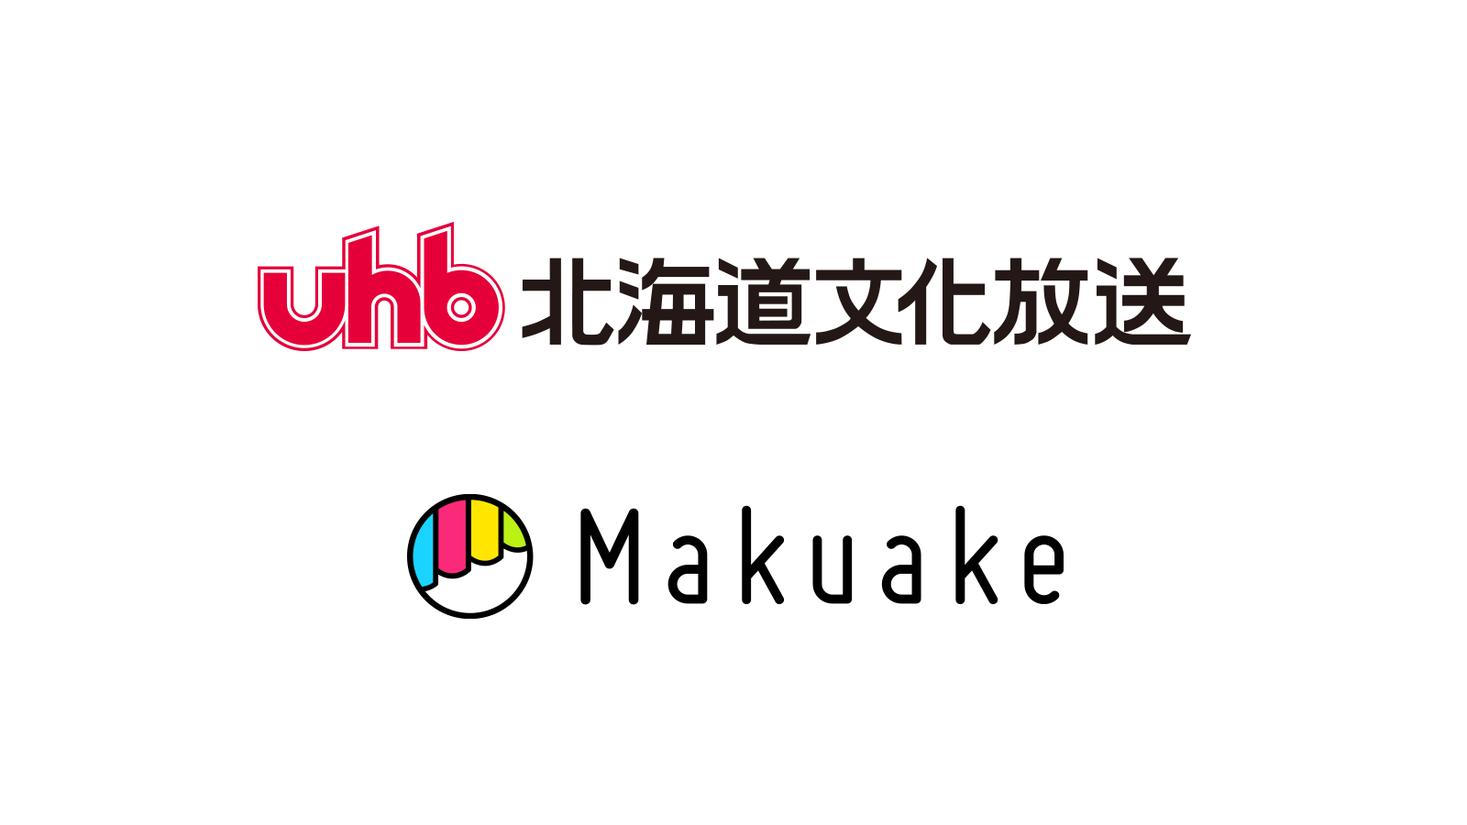 北海道文化放送とマクアケが業務提携|株式会社マクアケのプレスリリース